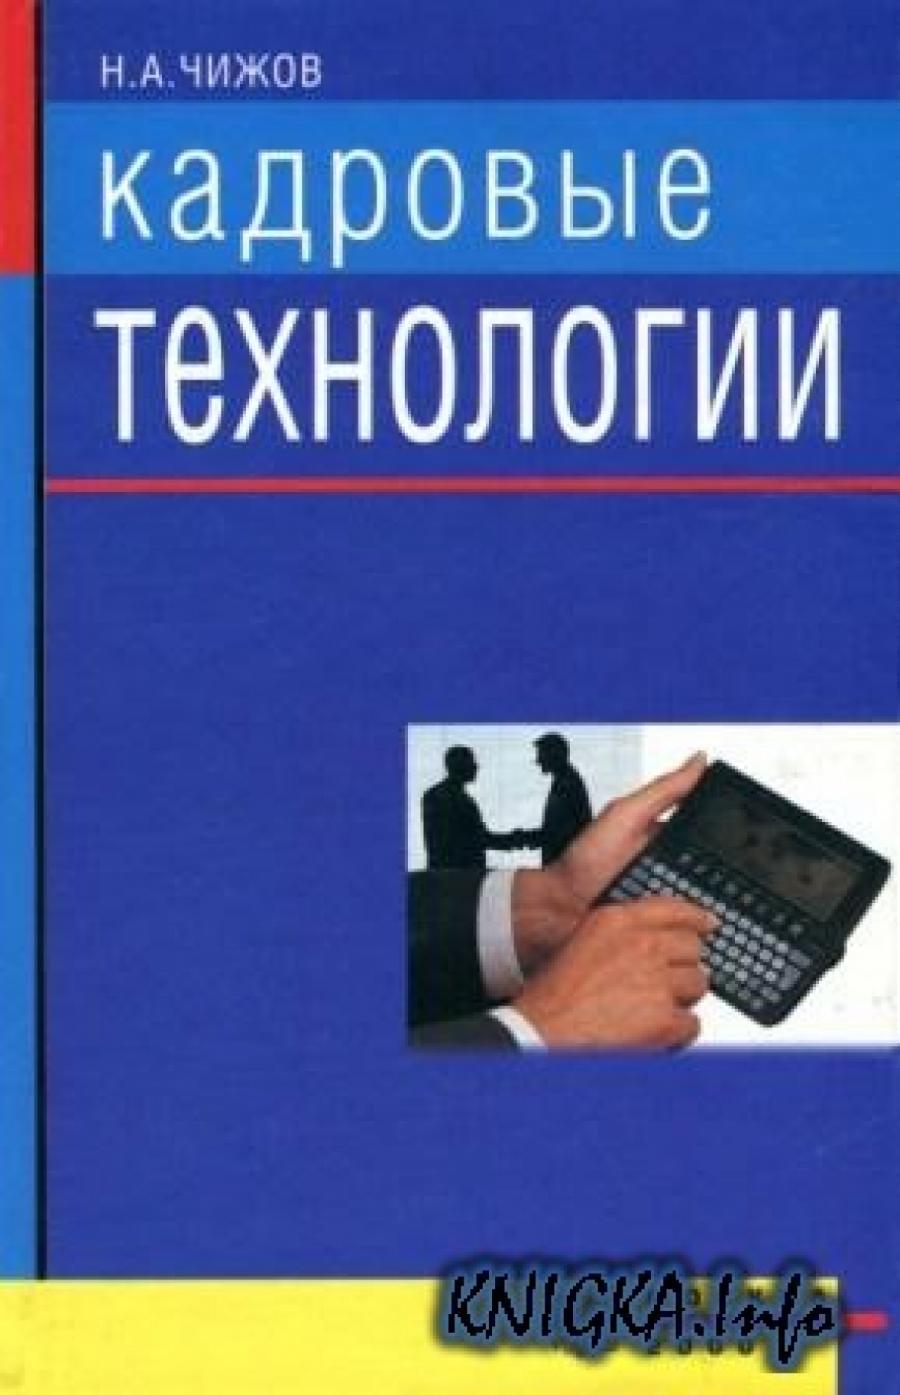 Обложка книги:  чижов н.а. - кадровые технологии.